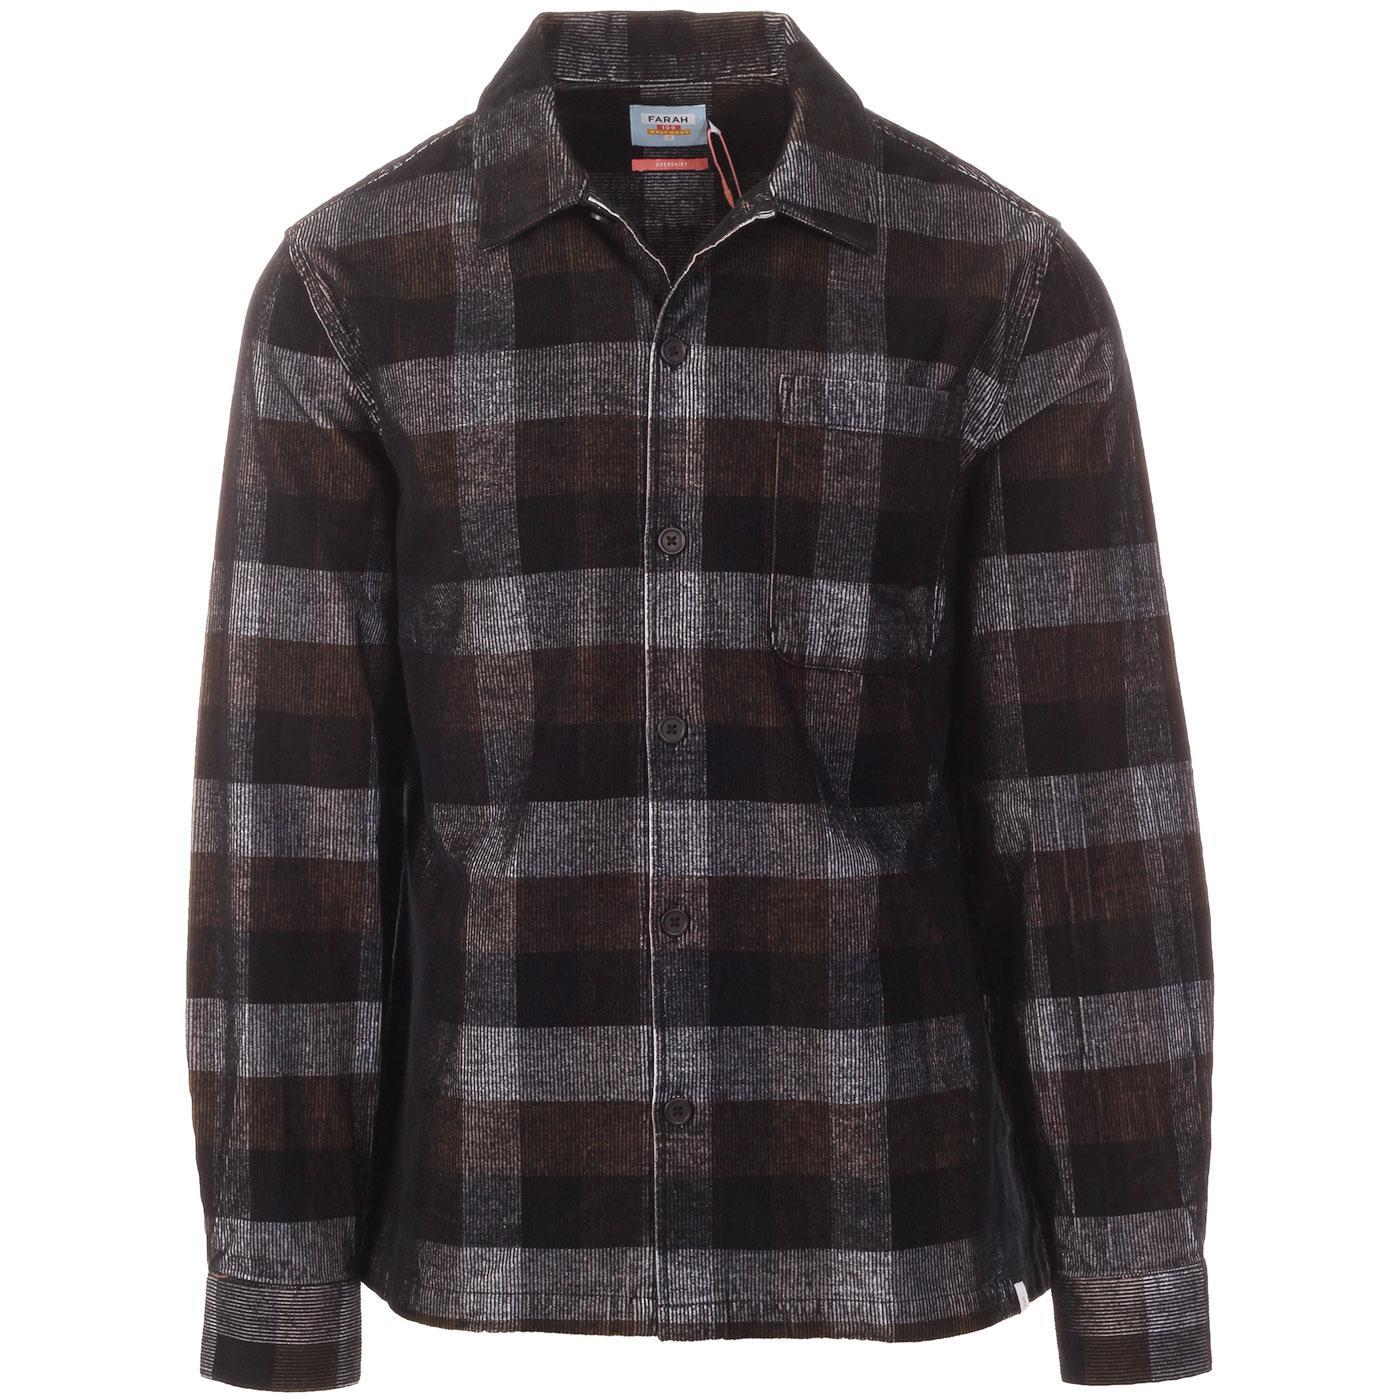 Wyman FARAH 100 Retro Mod LS Check Cord Shirt (DB)